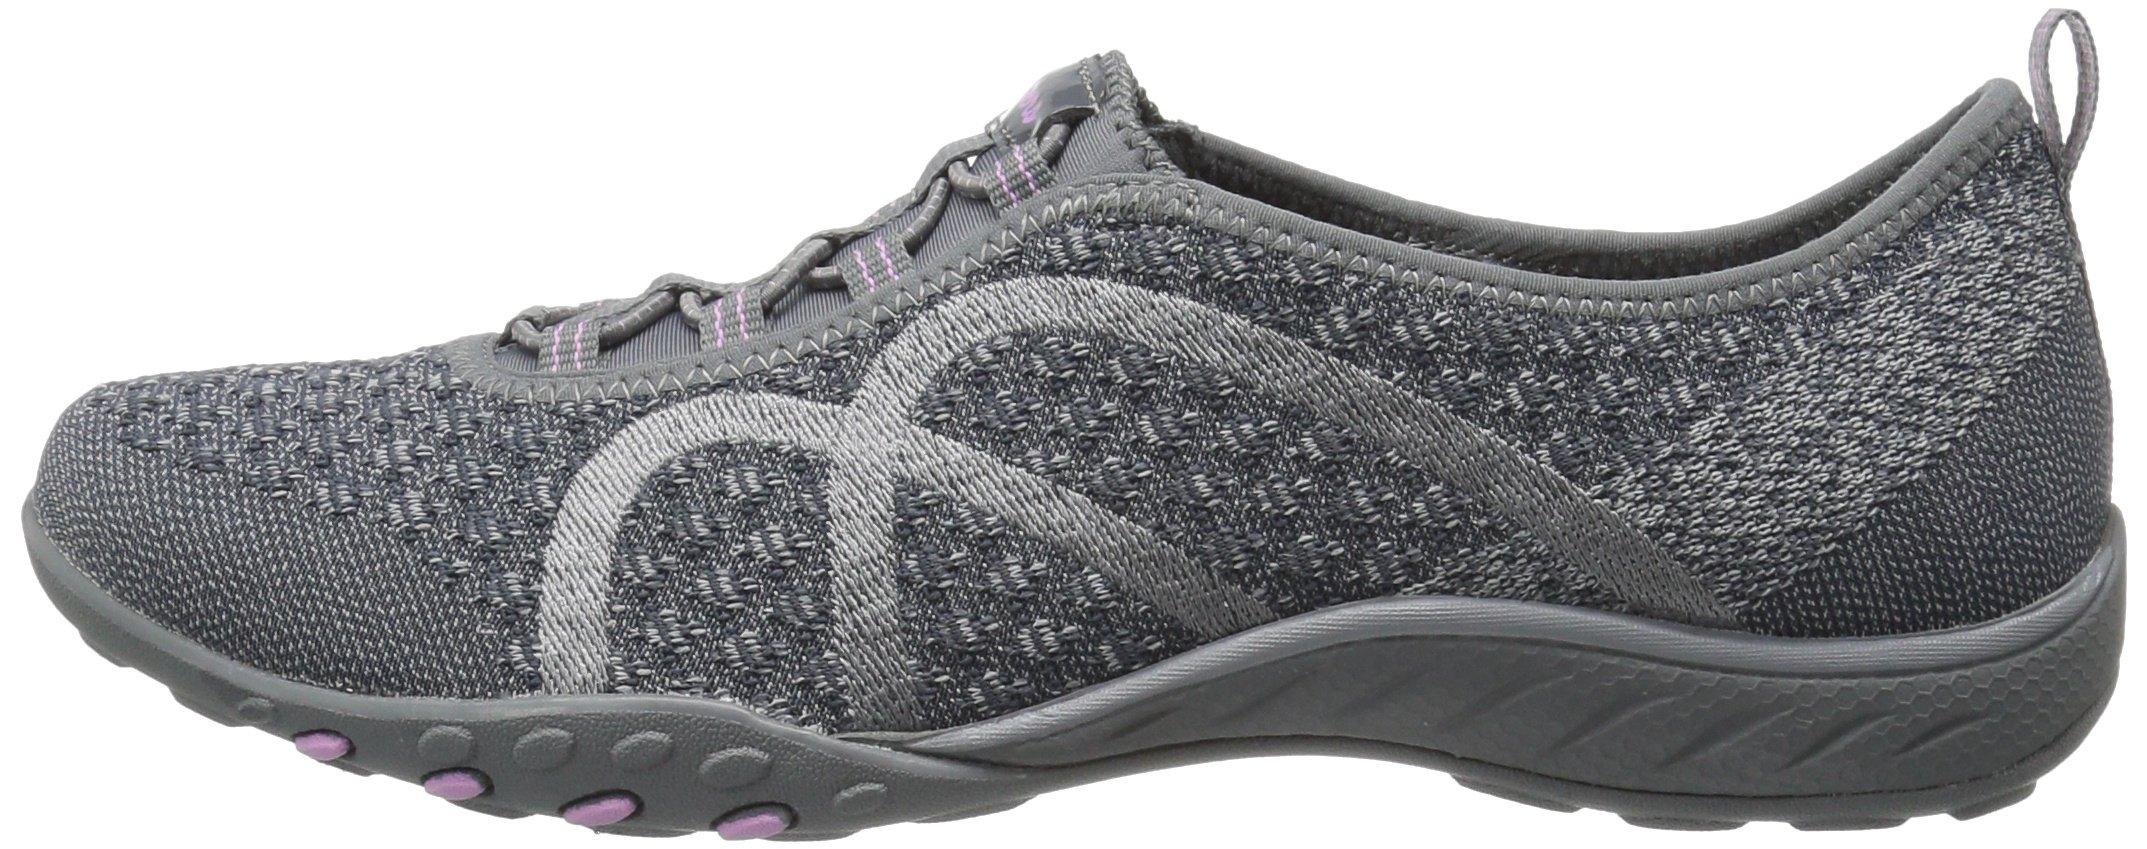 Skechers Sport Women's Breathe Easy Fortune Fashion Sneaker,Charcoal Knit,5 M US by Skechers (Image #5)